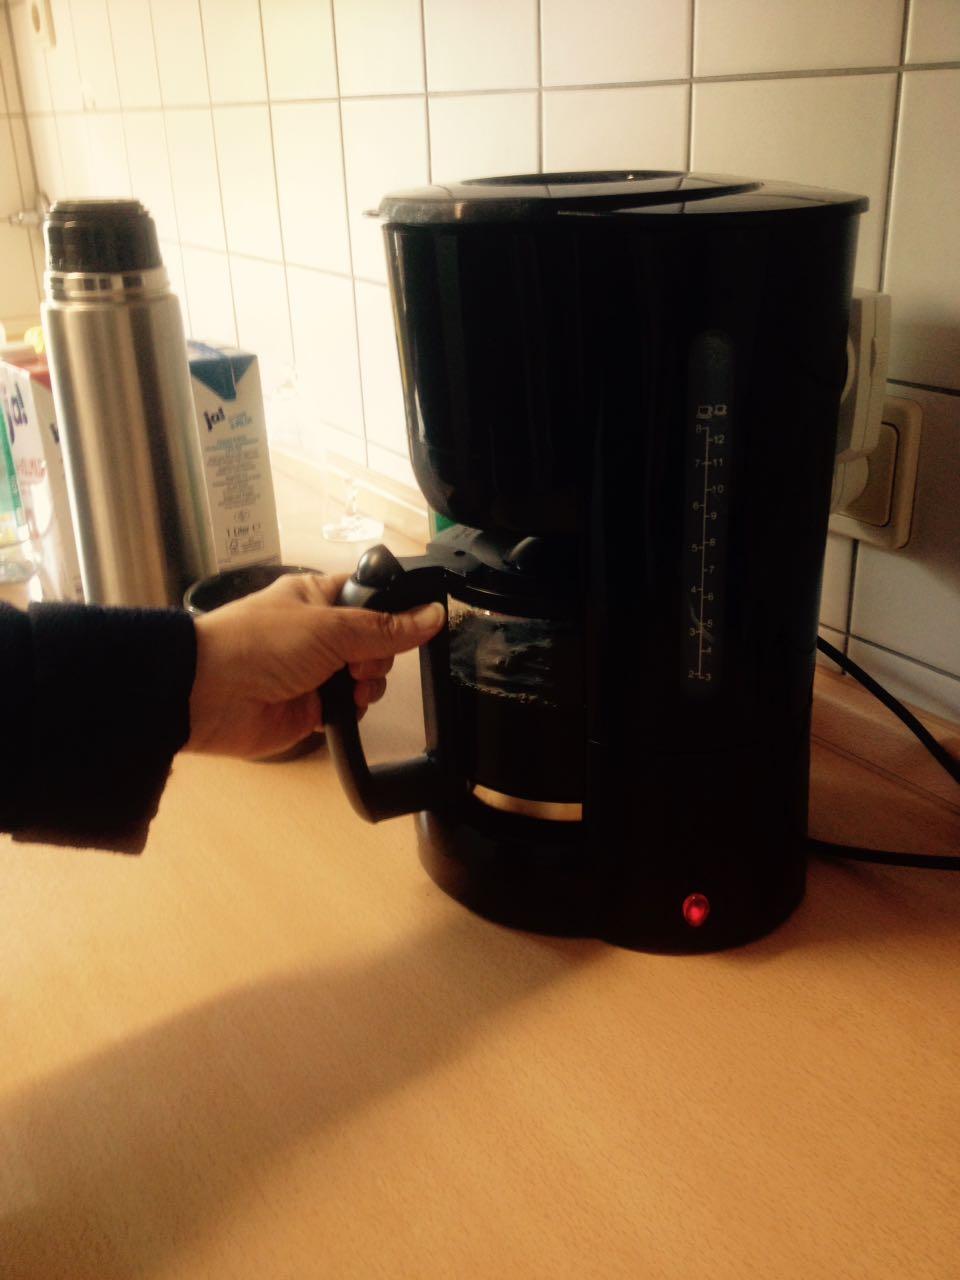 Puuuh!! Endlich die wohlverdiente Kaffeepause.